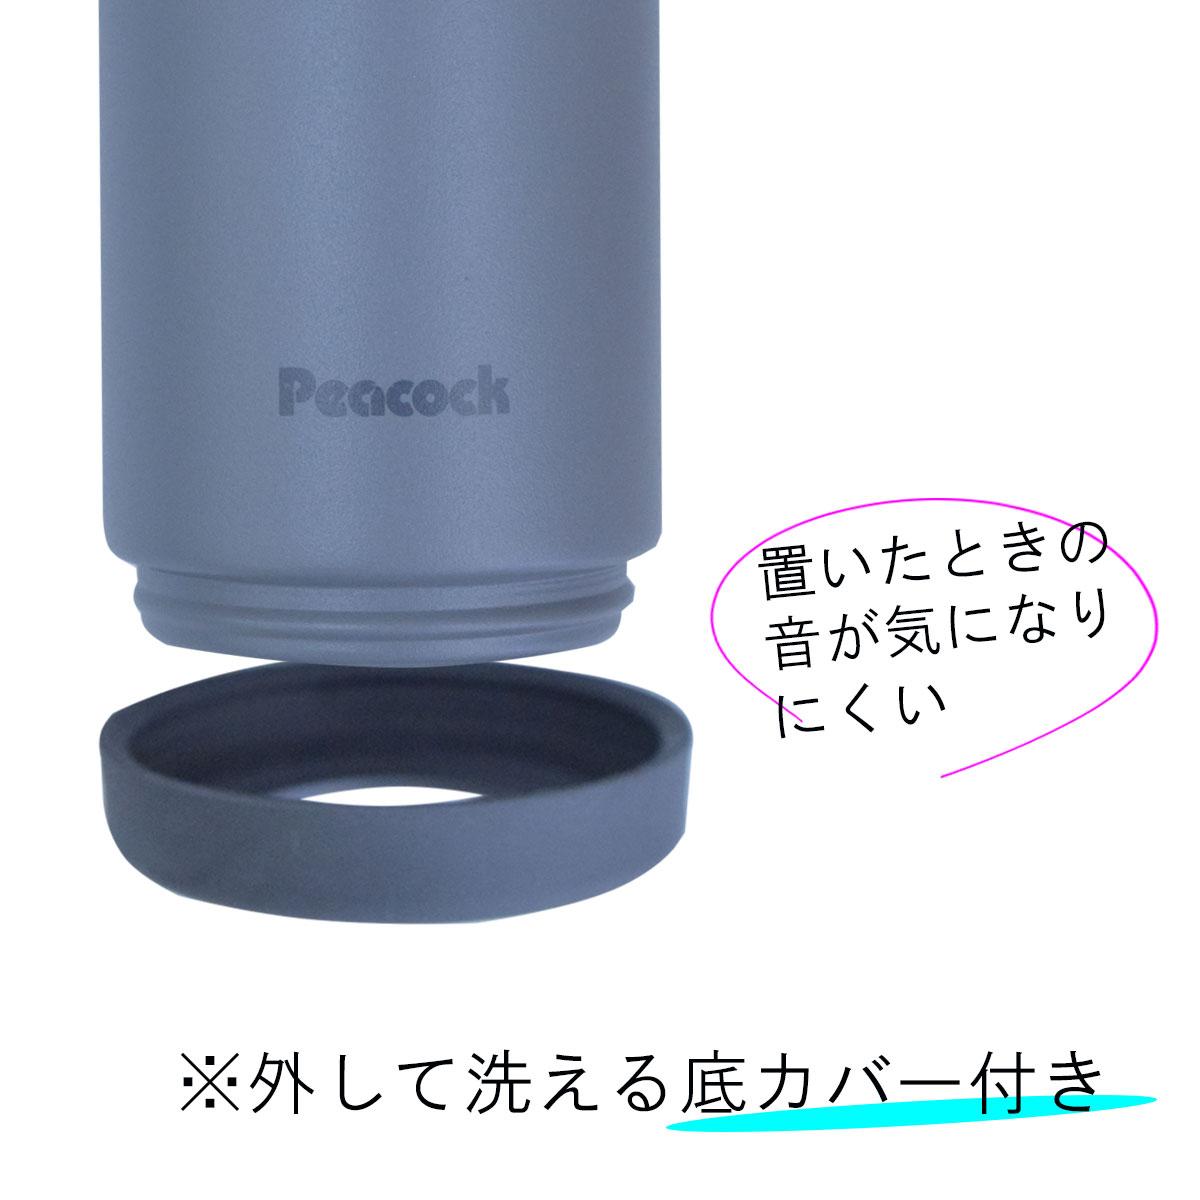 ピーコック タンブラーボトル 300ml AKS-R30